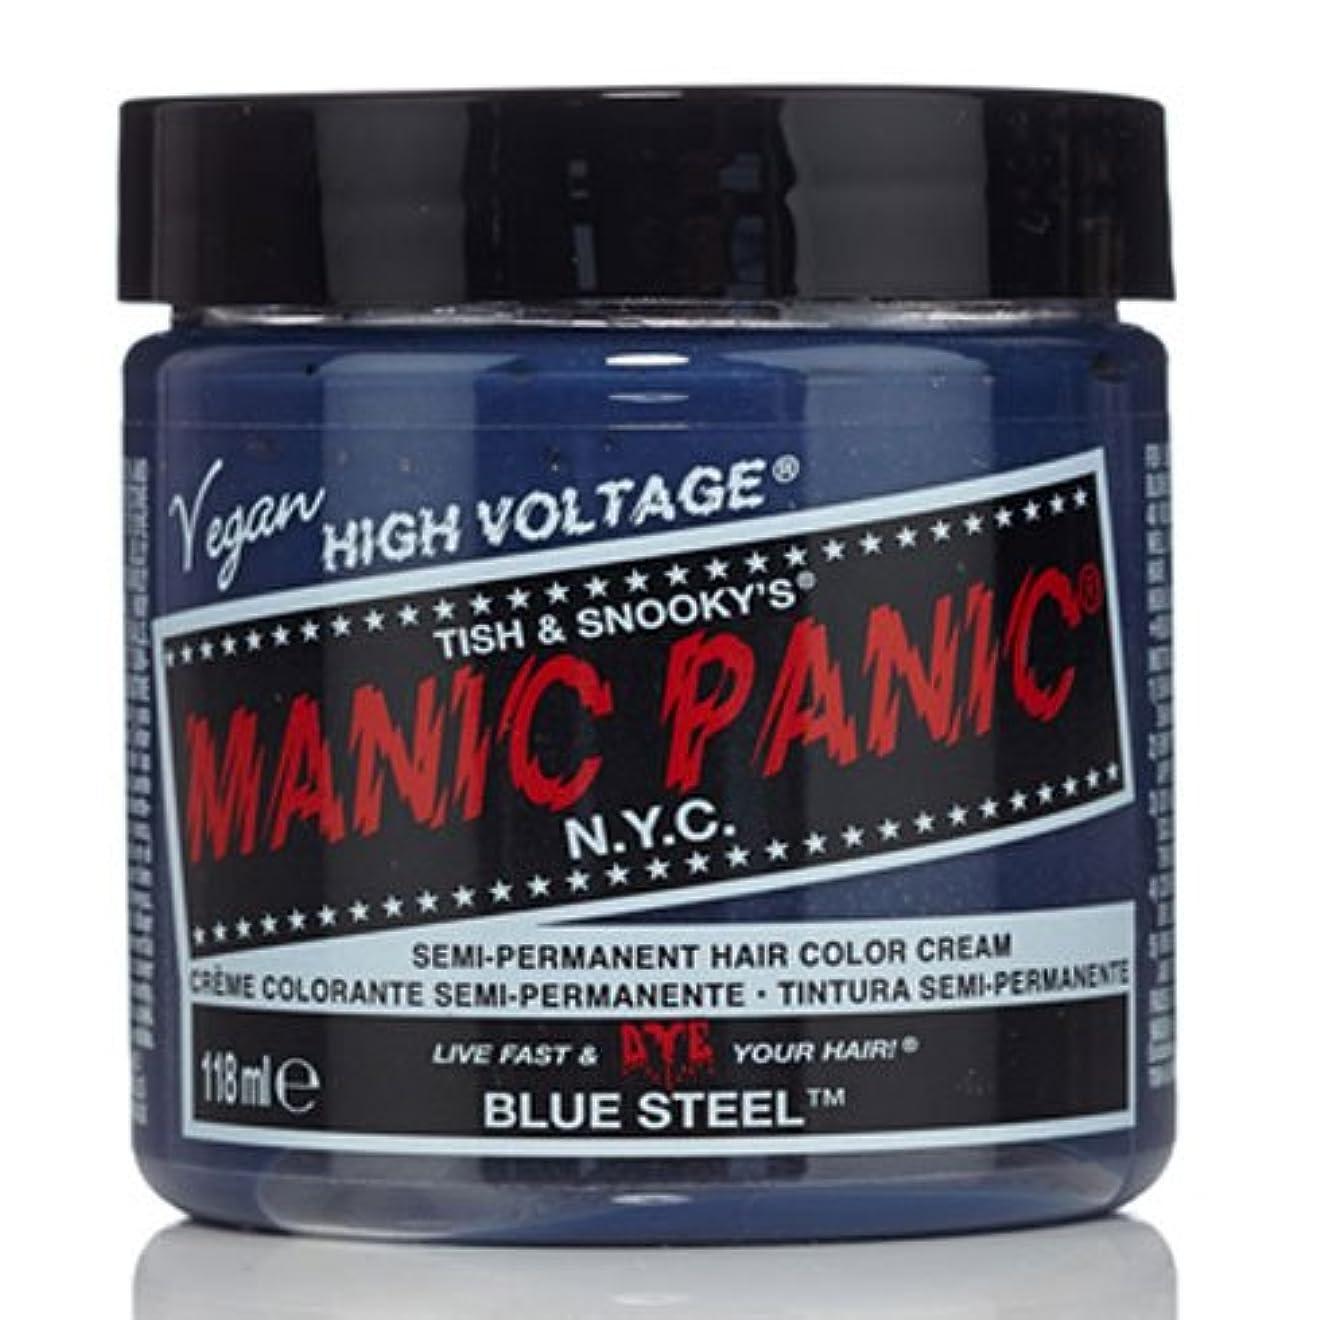 積極的に社会主義病弱スペシャルセットMANIC PANICマニックパニック:BLUE STEEL (ブルースティール)+ヘアカラーケア4点セット